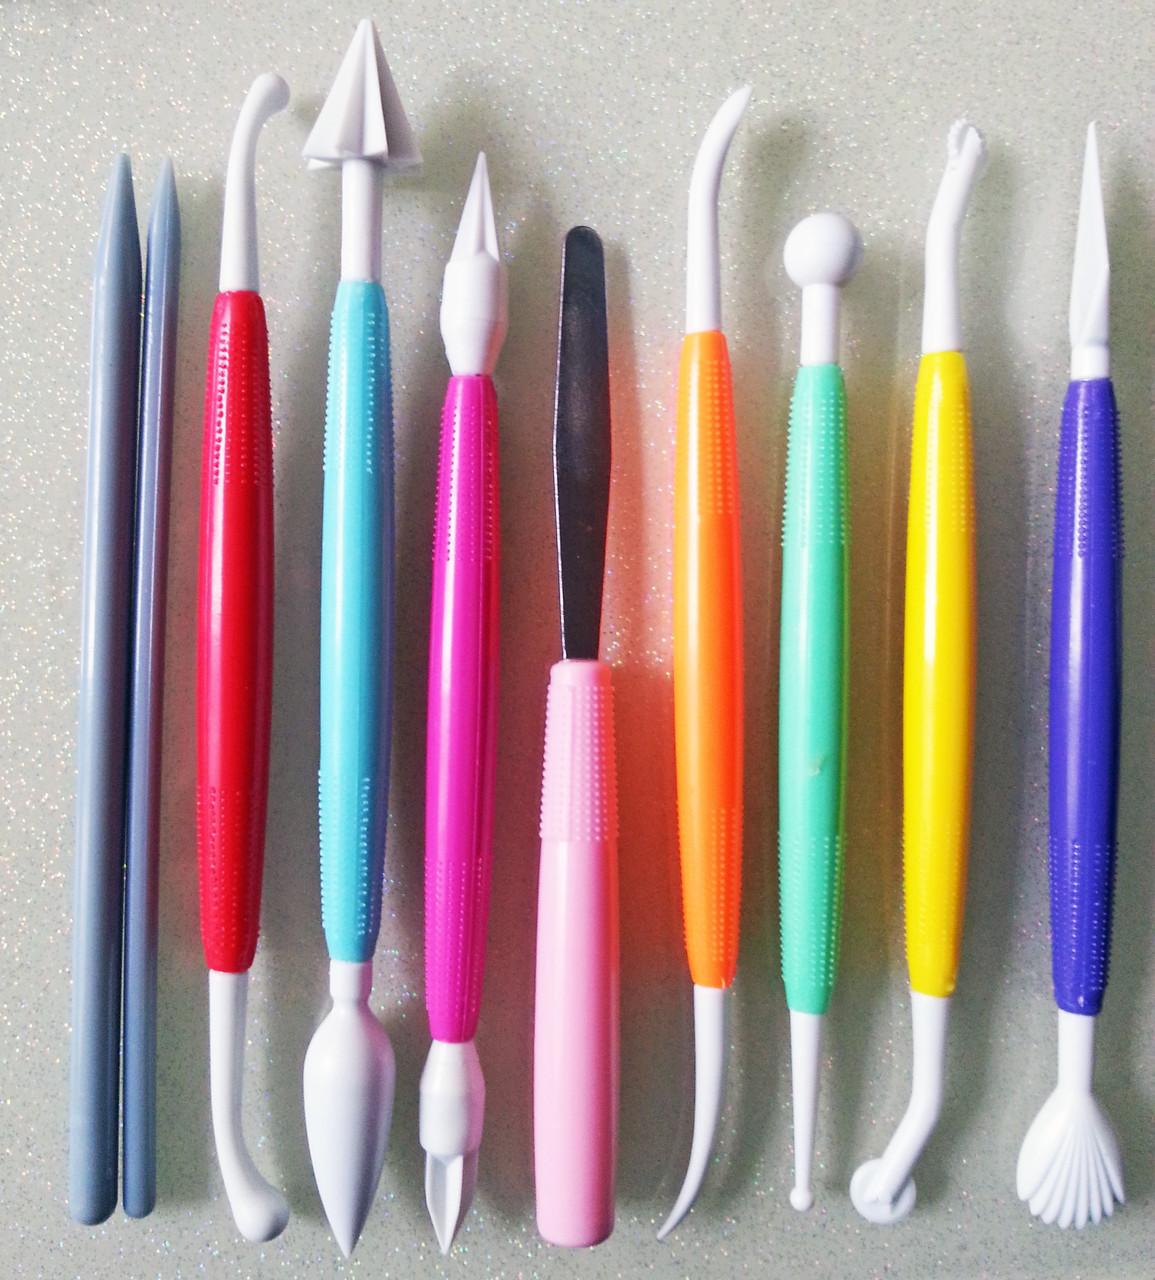 Набор инструментов для лепки - для работы с глиной, мастикой, для керамической флористики 10шт.